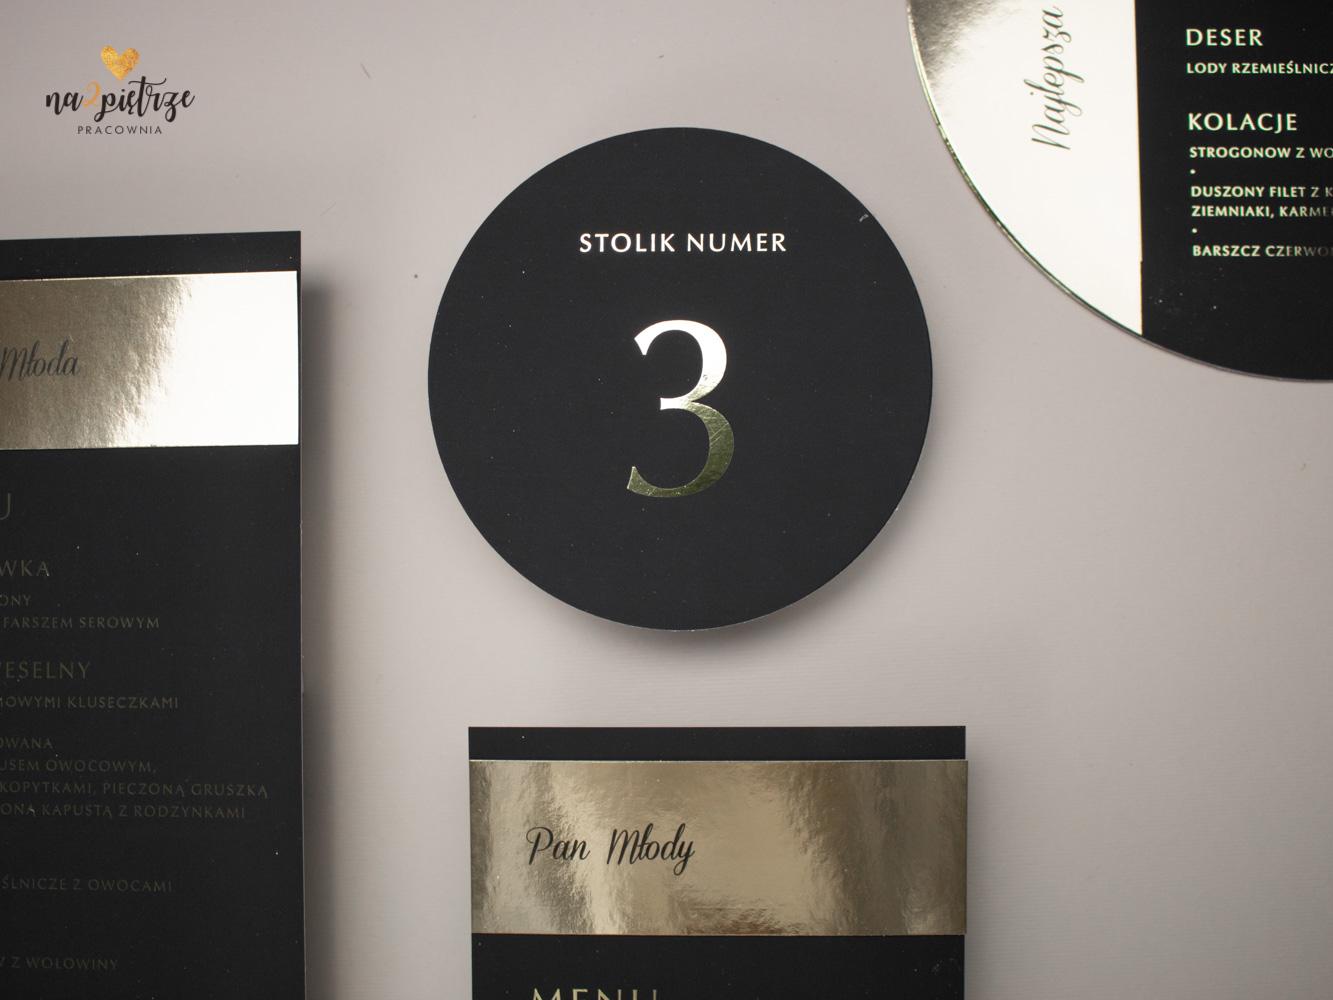 okrągły, czarny numerek stołu ze złotą cyfrą